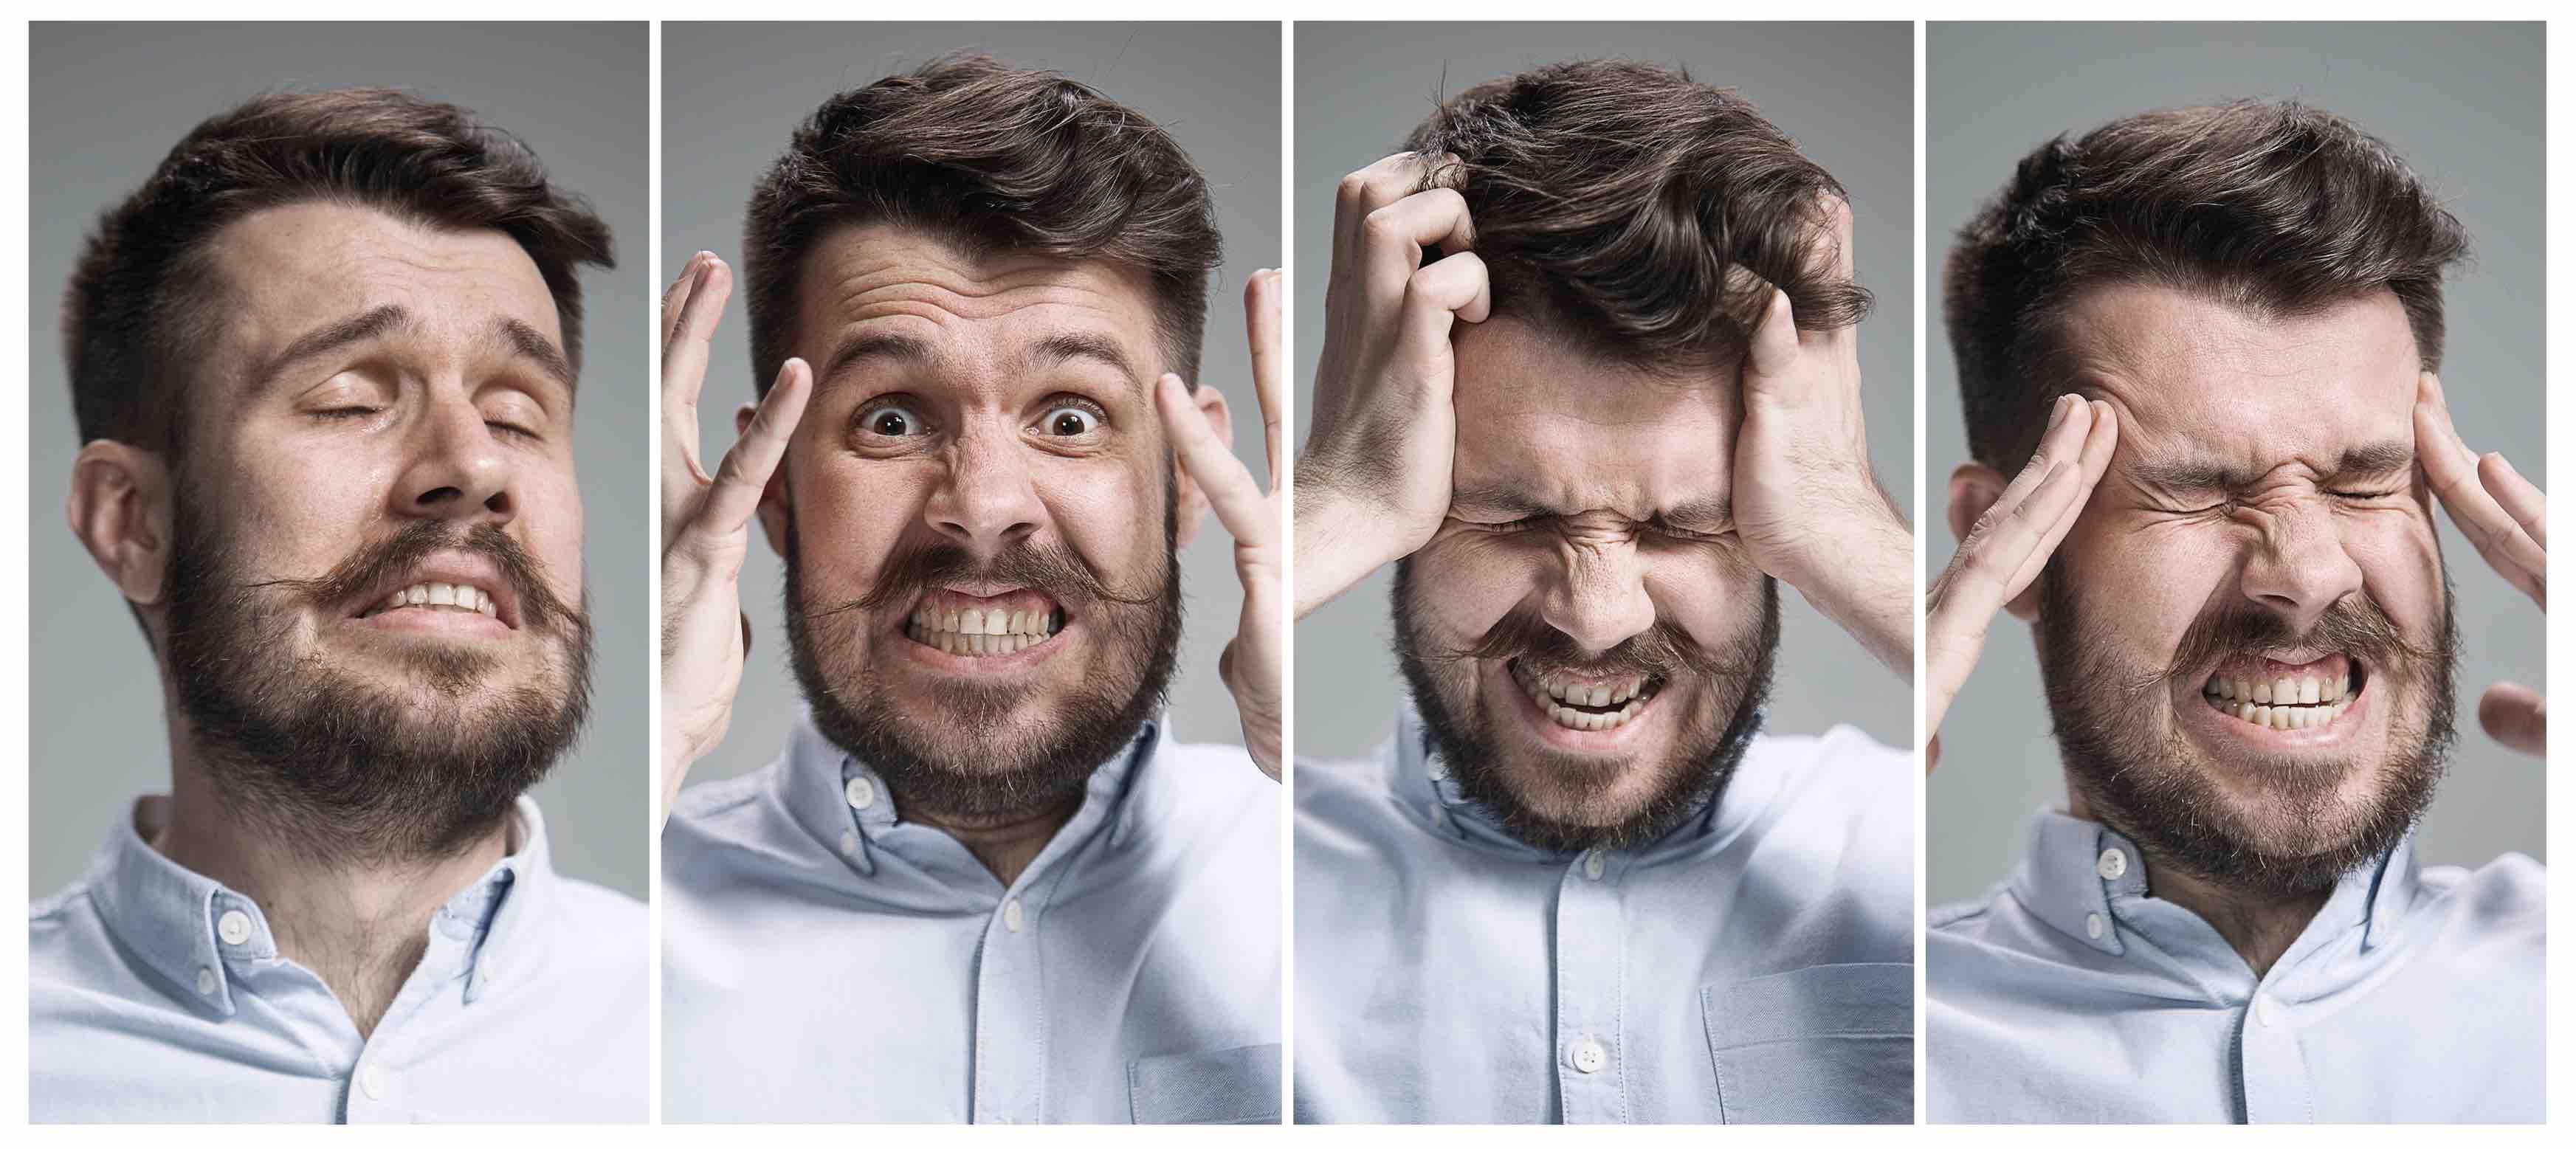 Description de Intelligence émotionnelle : de quoi parle-t-on ?